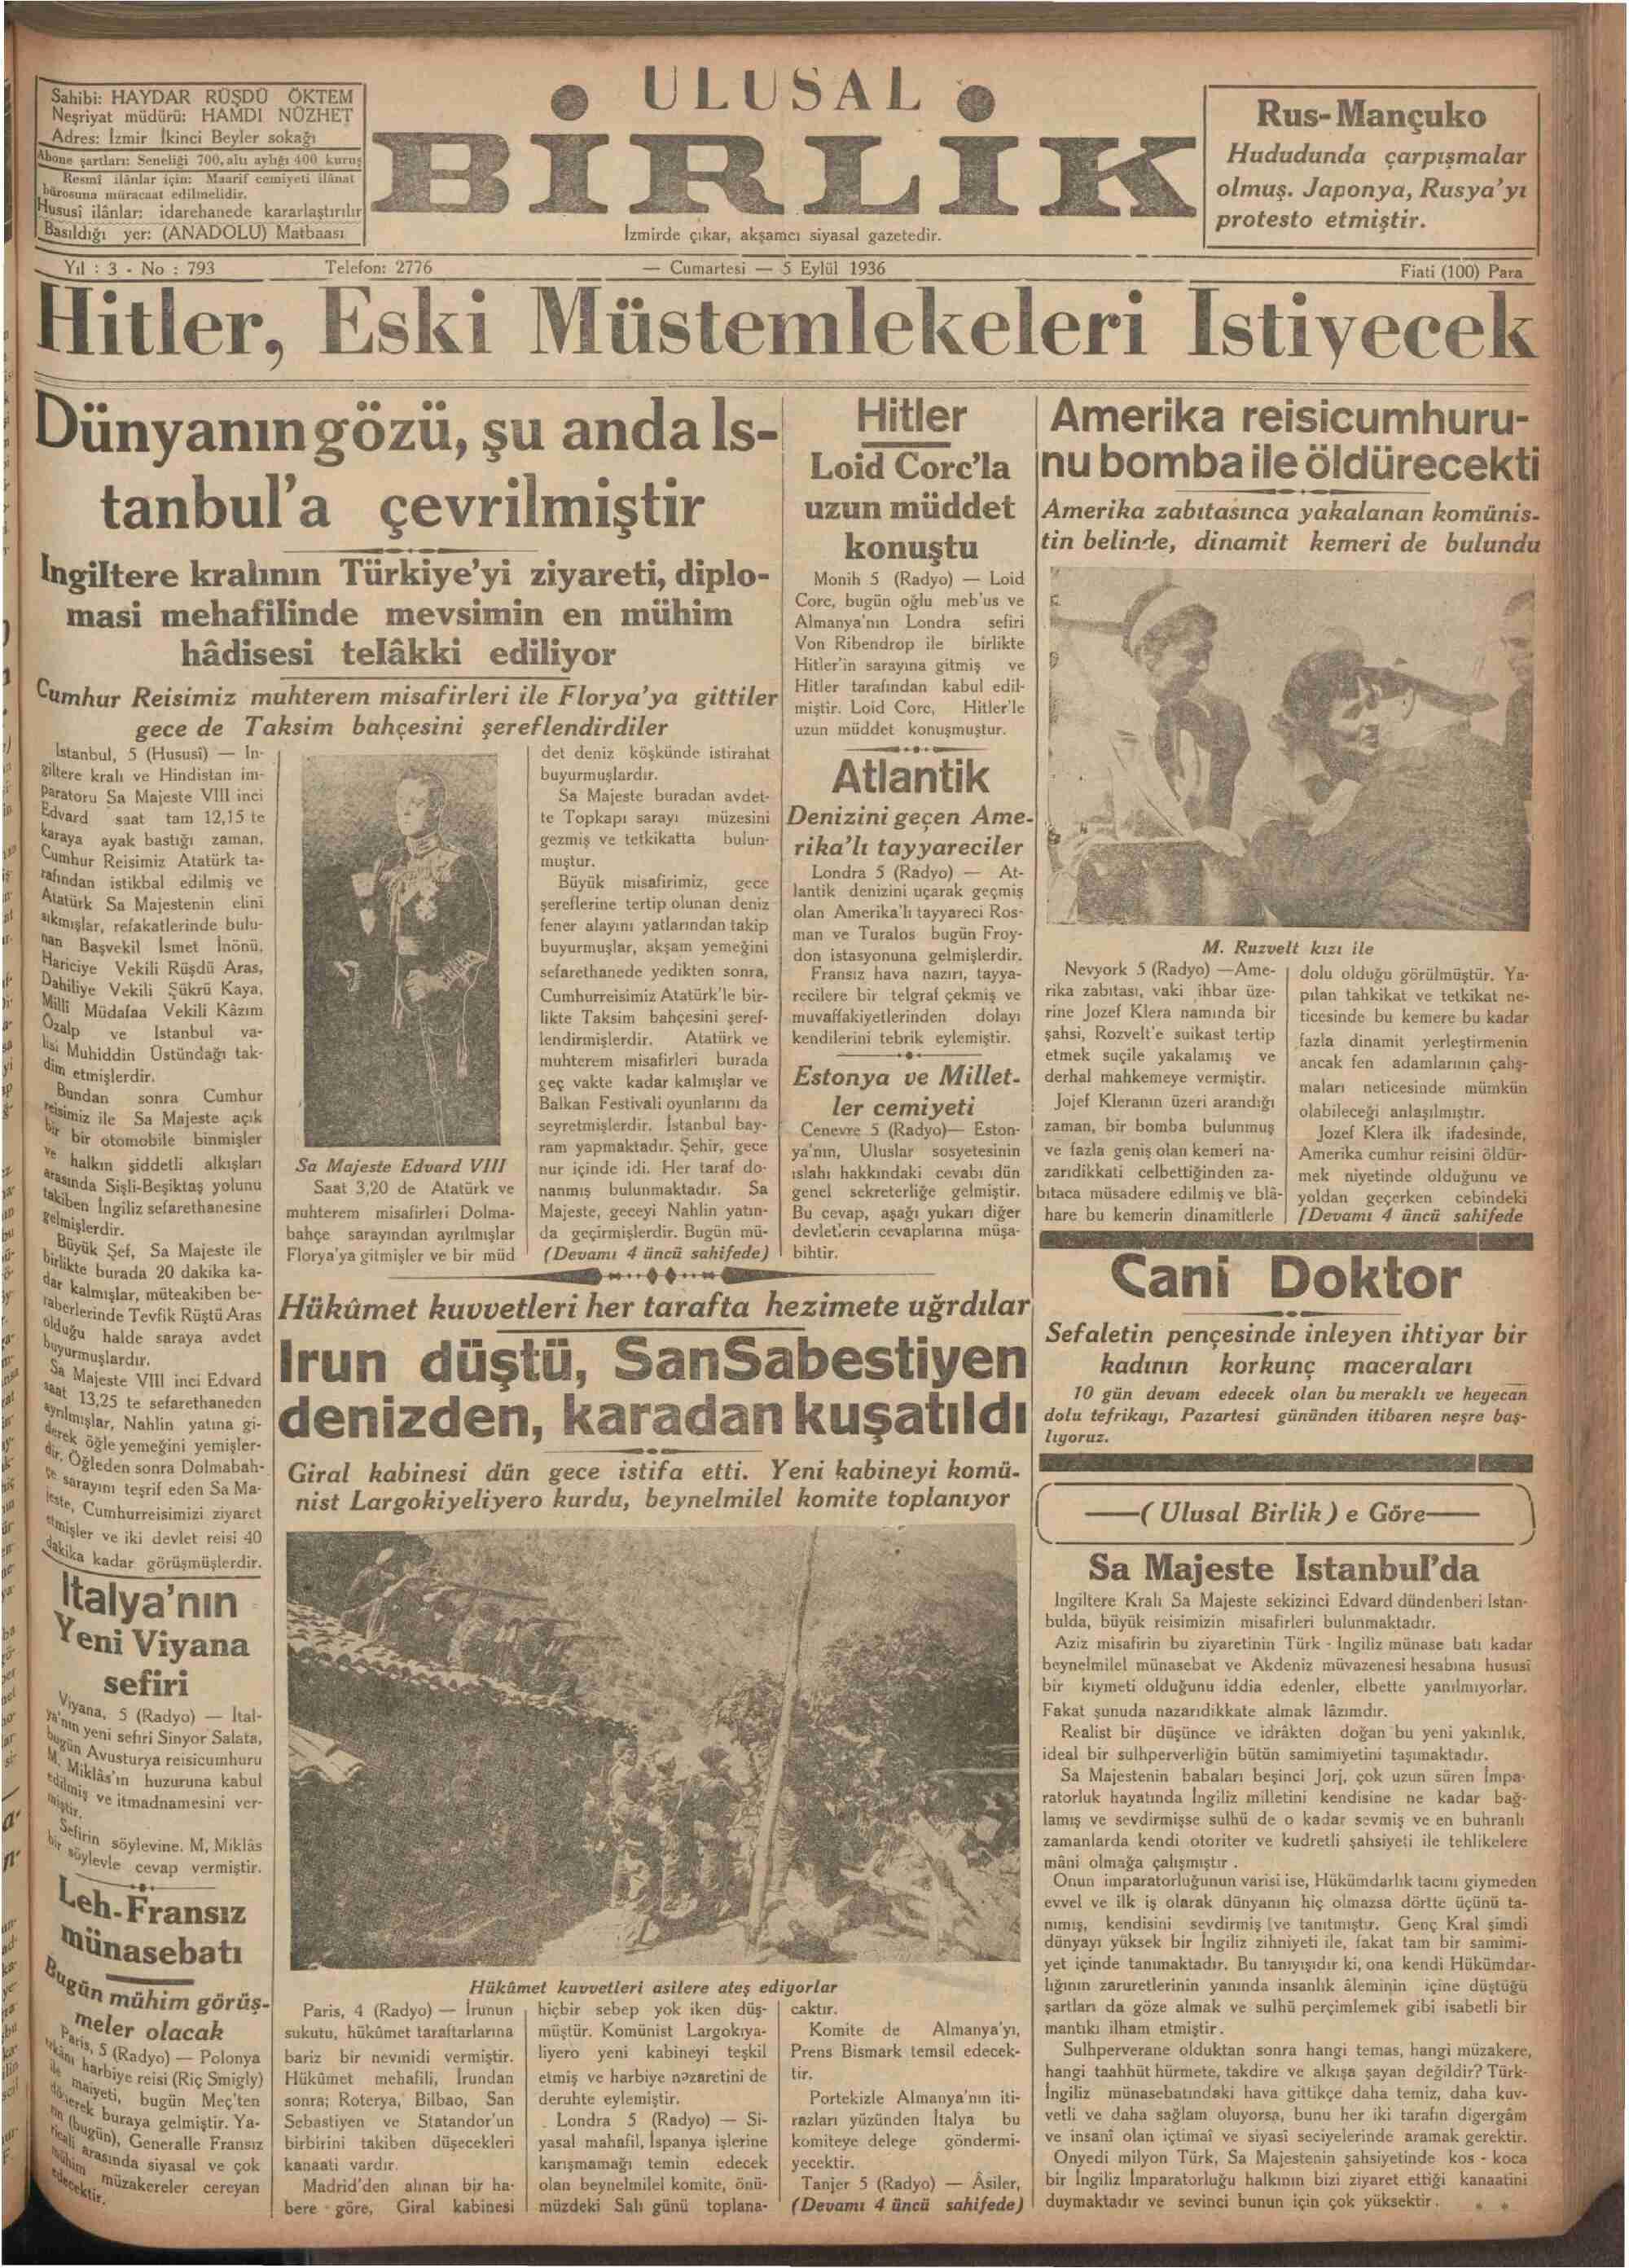 5 Eylül 1936 Tarihli Ulusal Birlik (İzmir) Gazetesi Sayfa 1